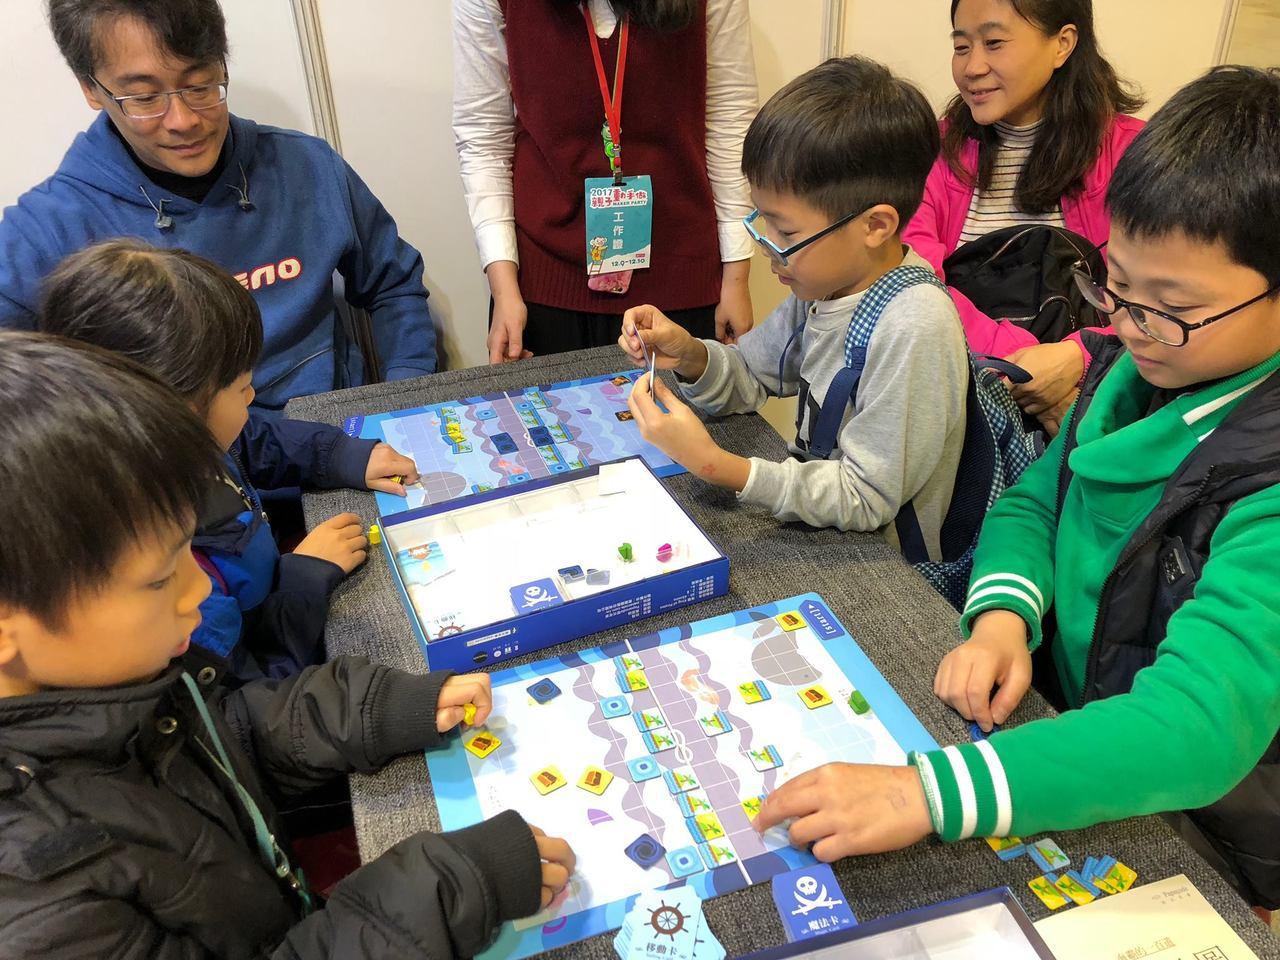 學生透過遊戲式的邏輯思考,逐步建構寫程式的能力。 圖/程式老爹 提供